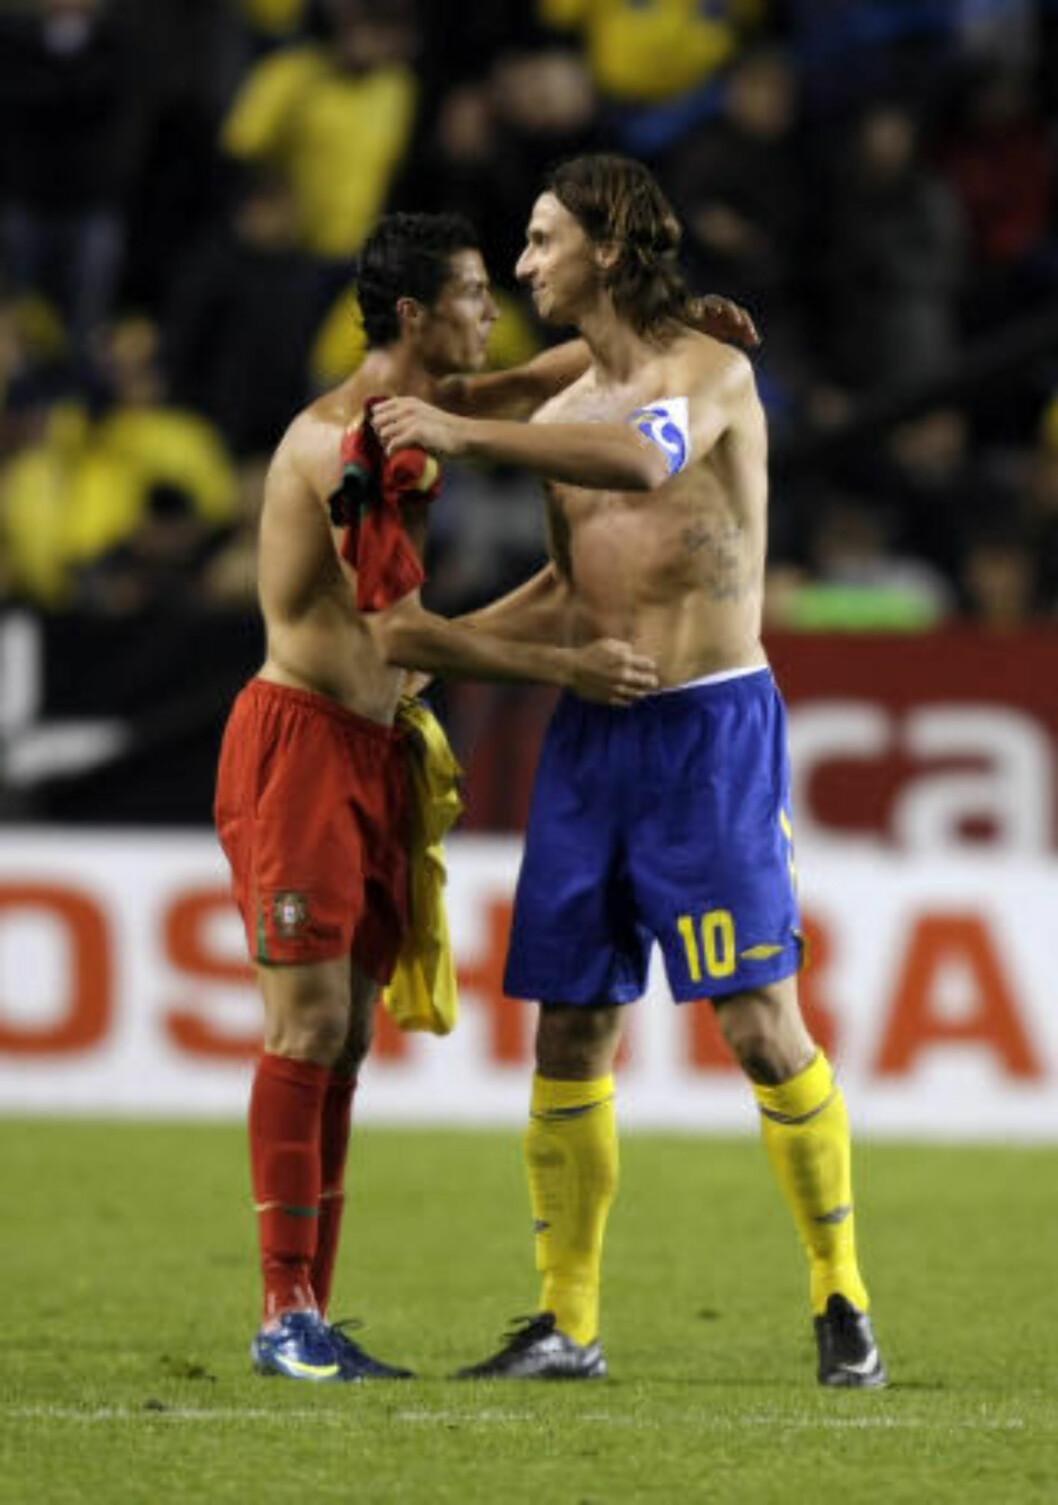 NY DUELL. Det blir en ny duell mellom Ronaldo (t.v.) og Zlatan i Champions League onsdag, når Paris St. Germain tar i mot Real Madrid på Parc des Princes. Foto: AP/NTB/Sancpix.